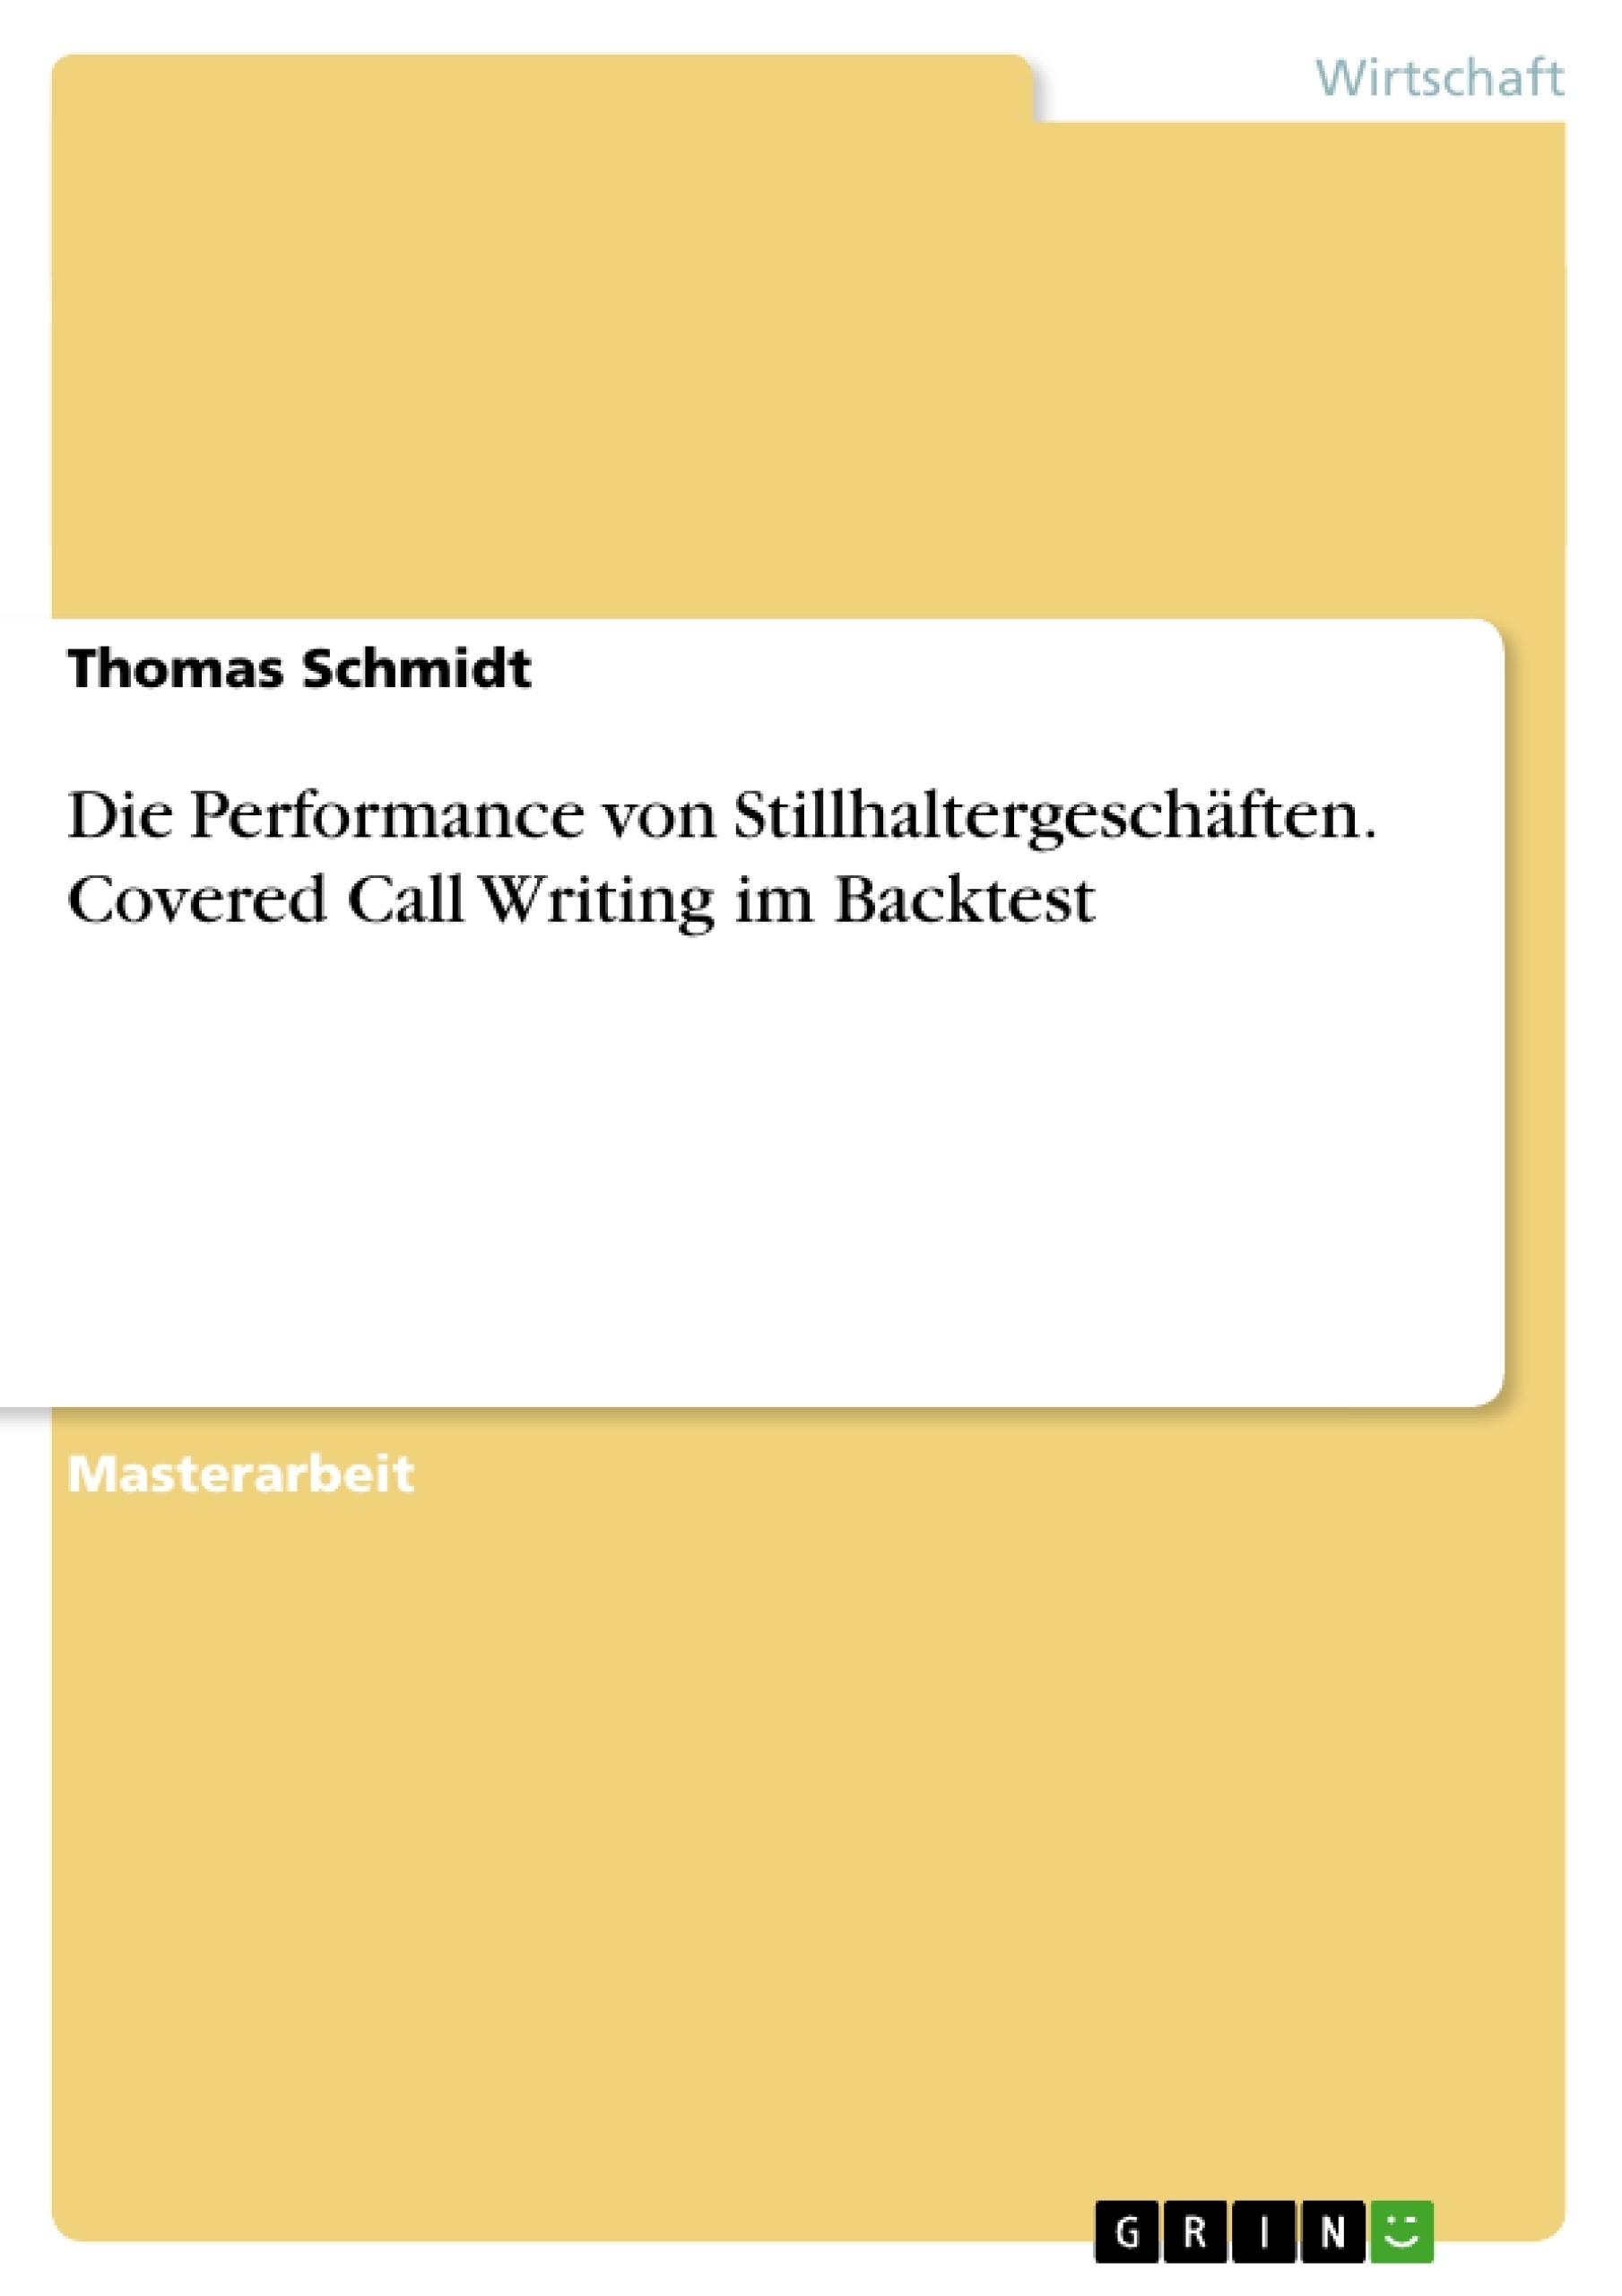 Titel: Die Performance von Stillhaltergeschäften. Covered Call Writing im Backtest